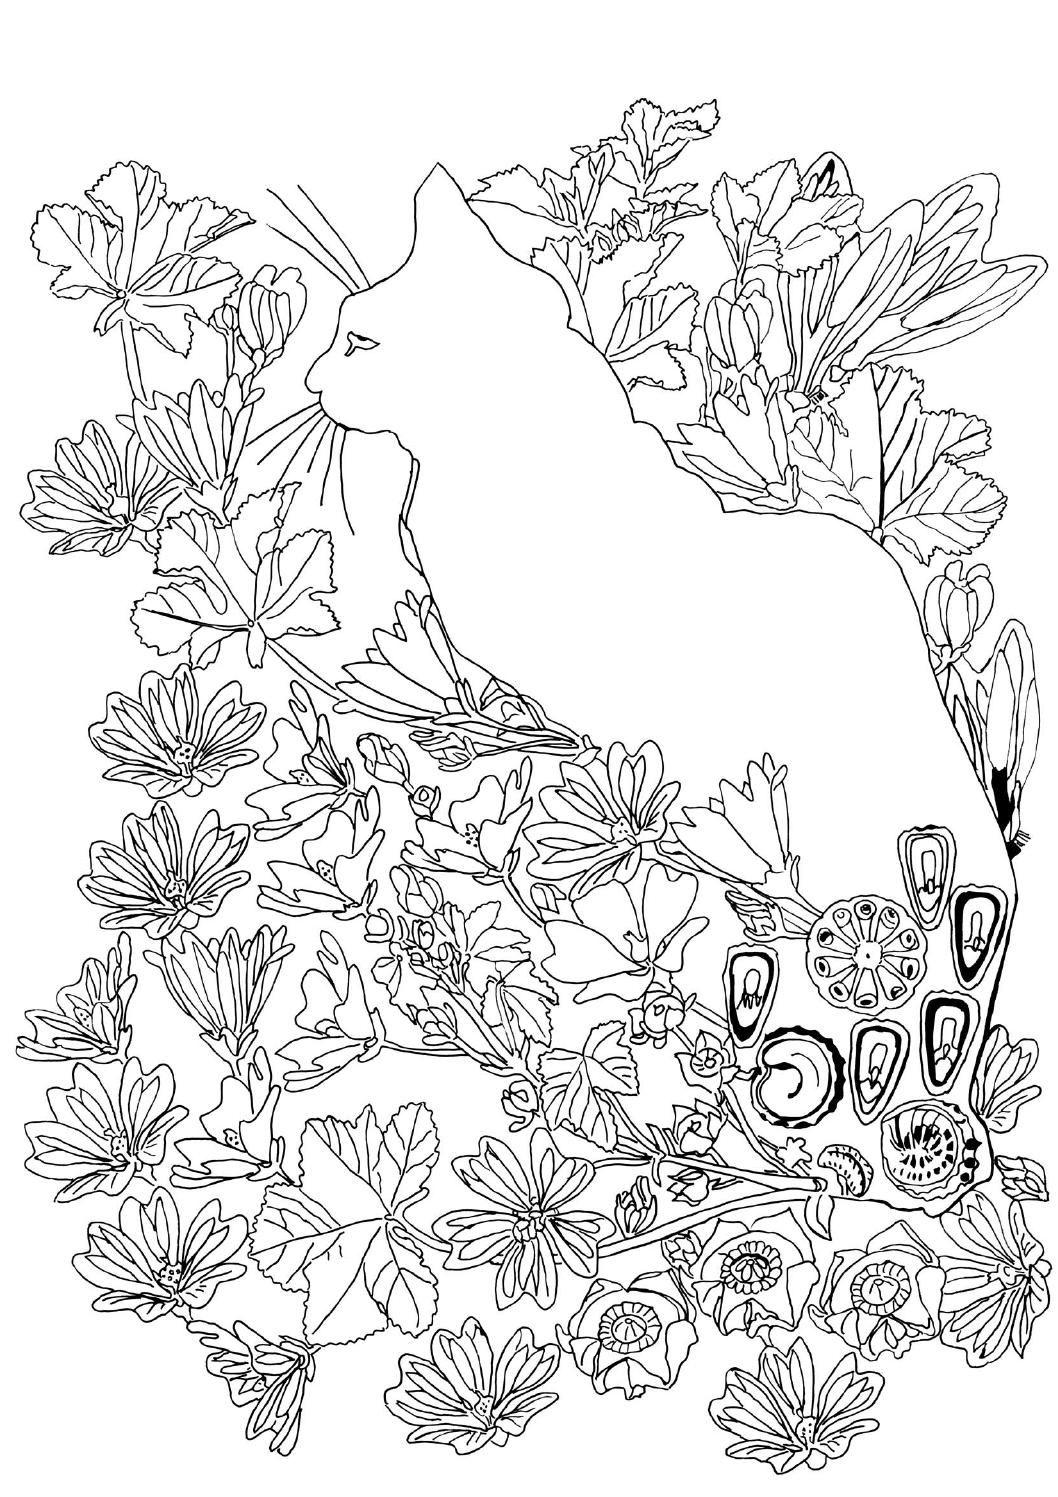 Pippas Magical Garden